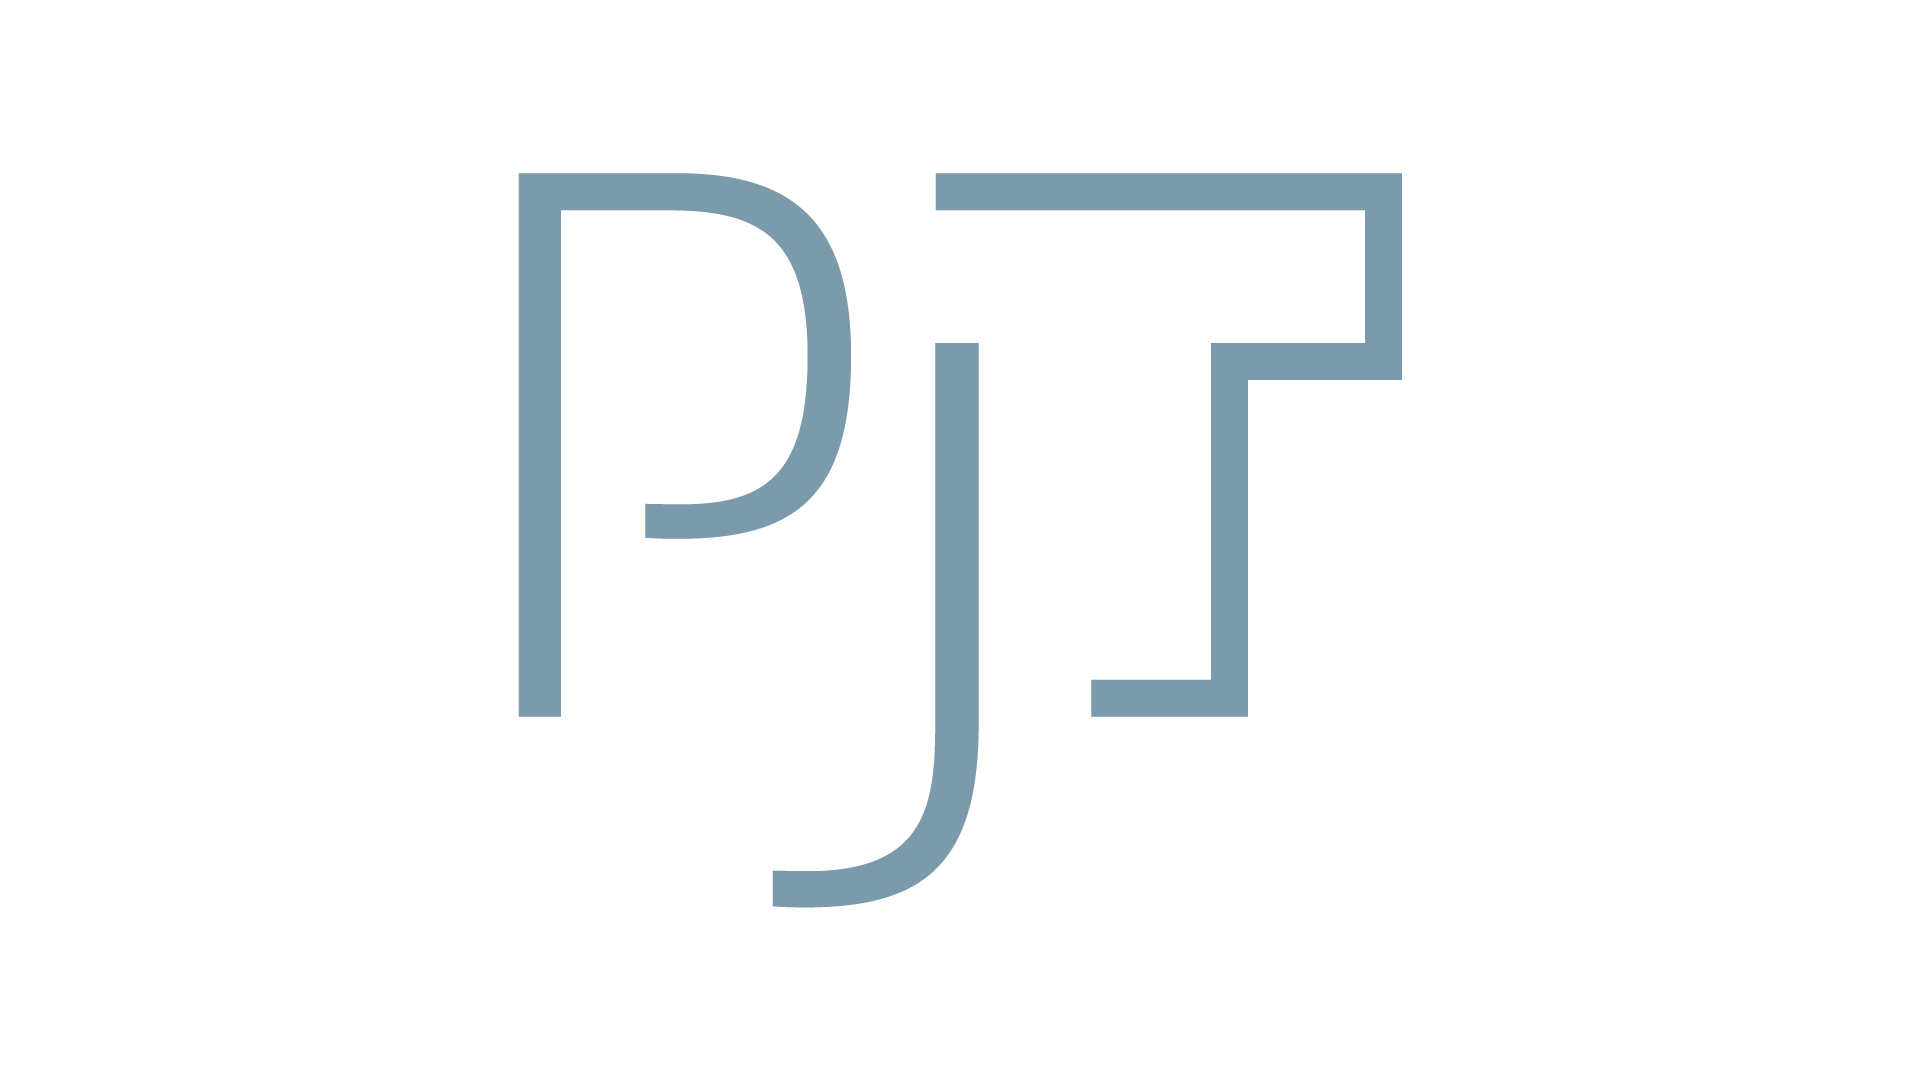 PJT_1920.png